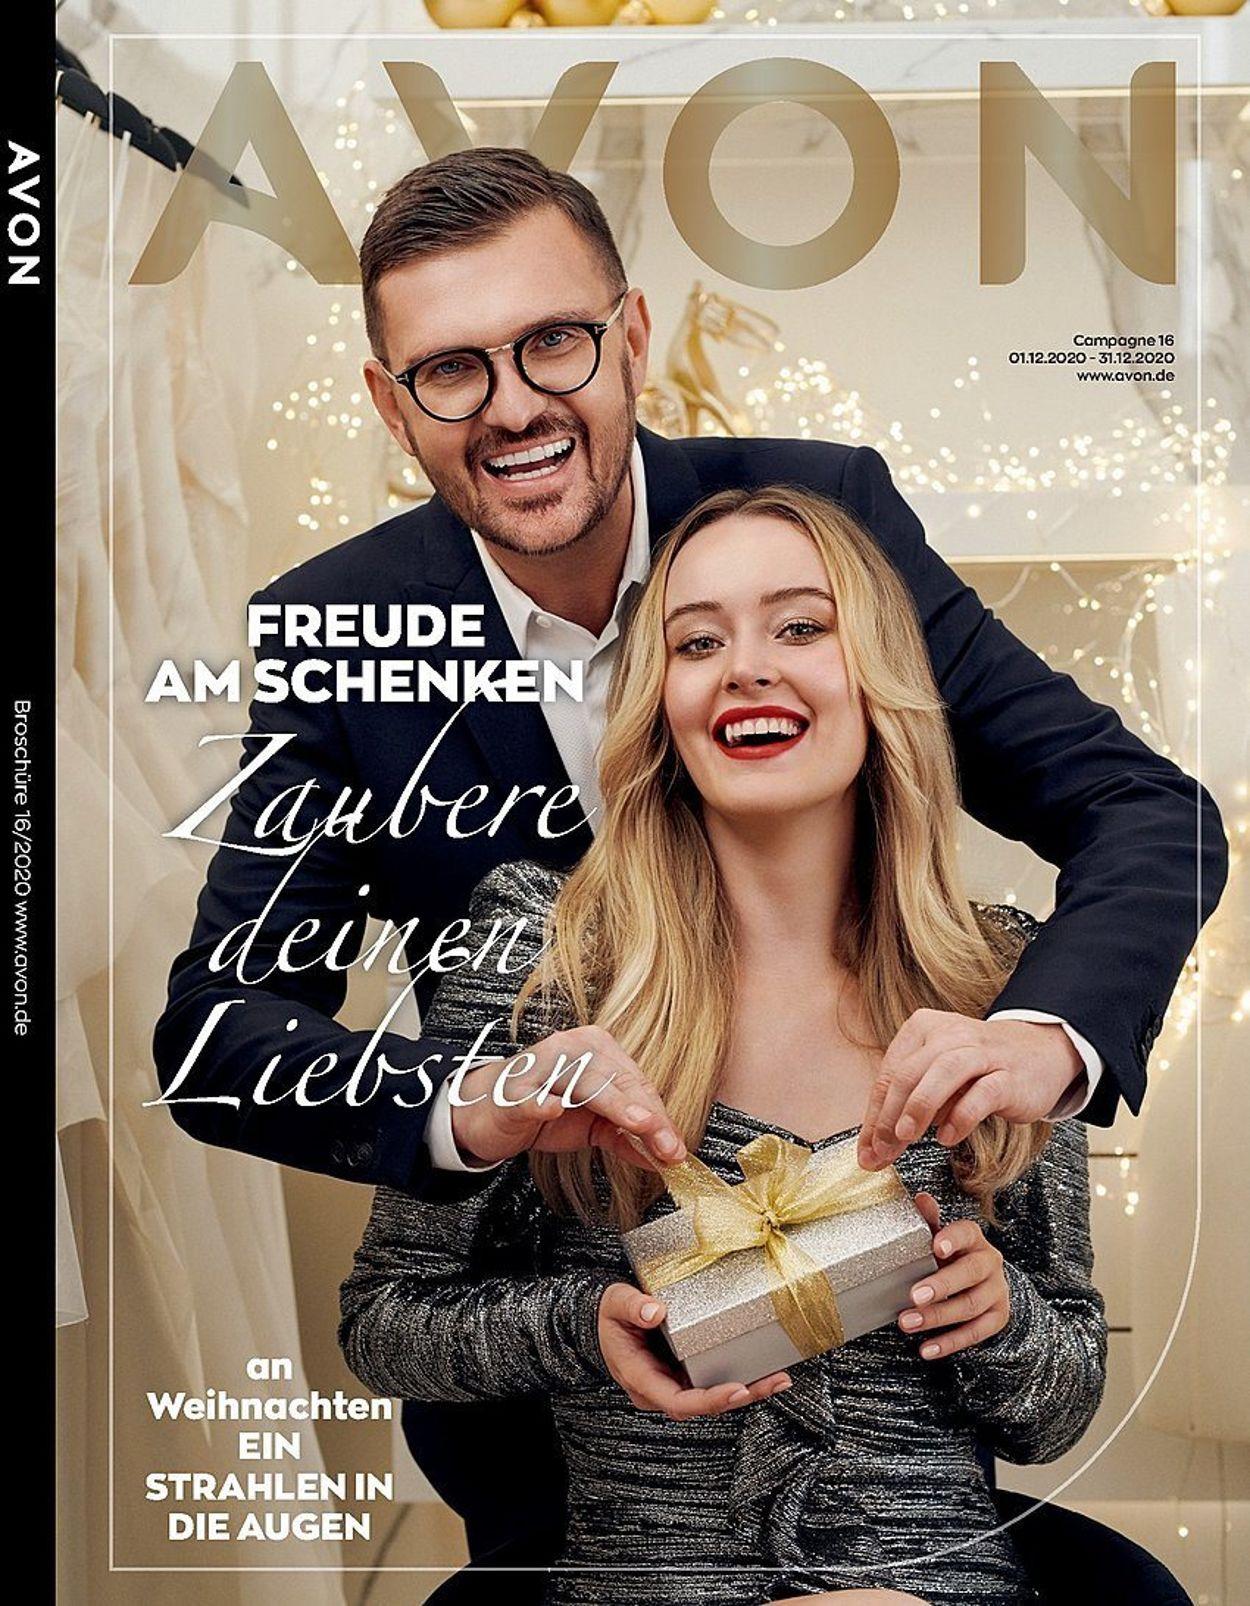 Avon Weihnachtsprospekt 2020 Prospekt - Aktuell vom 01.12-31.12.2020